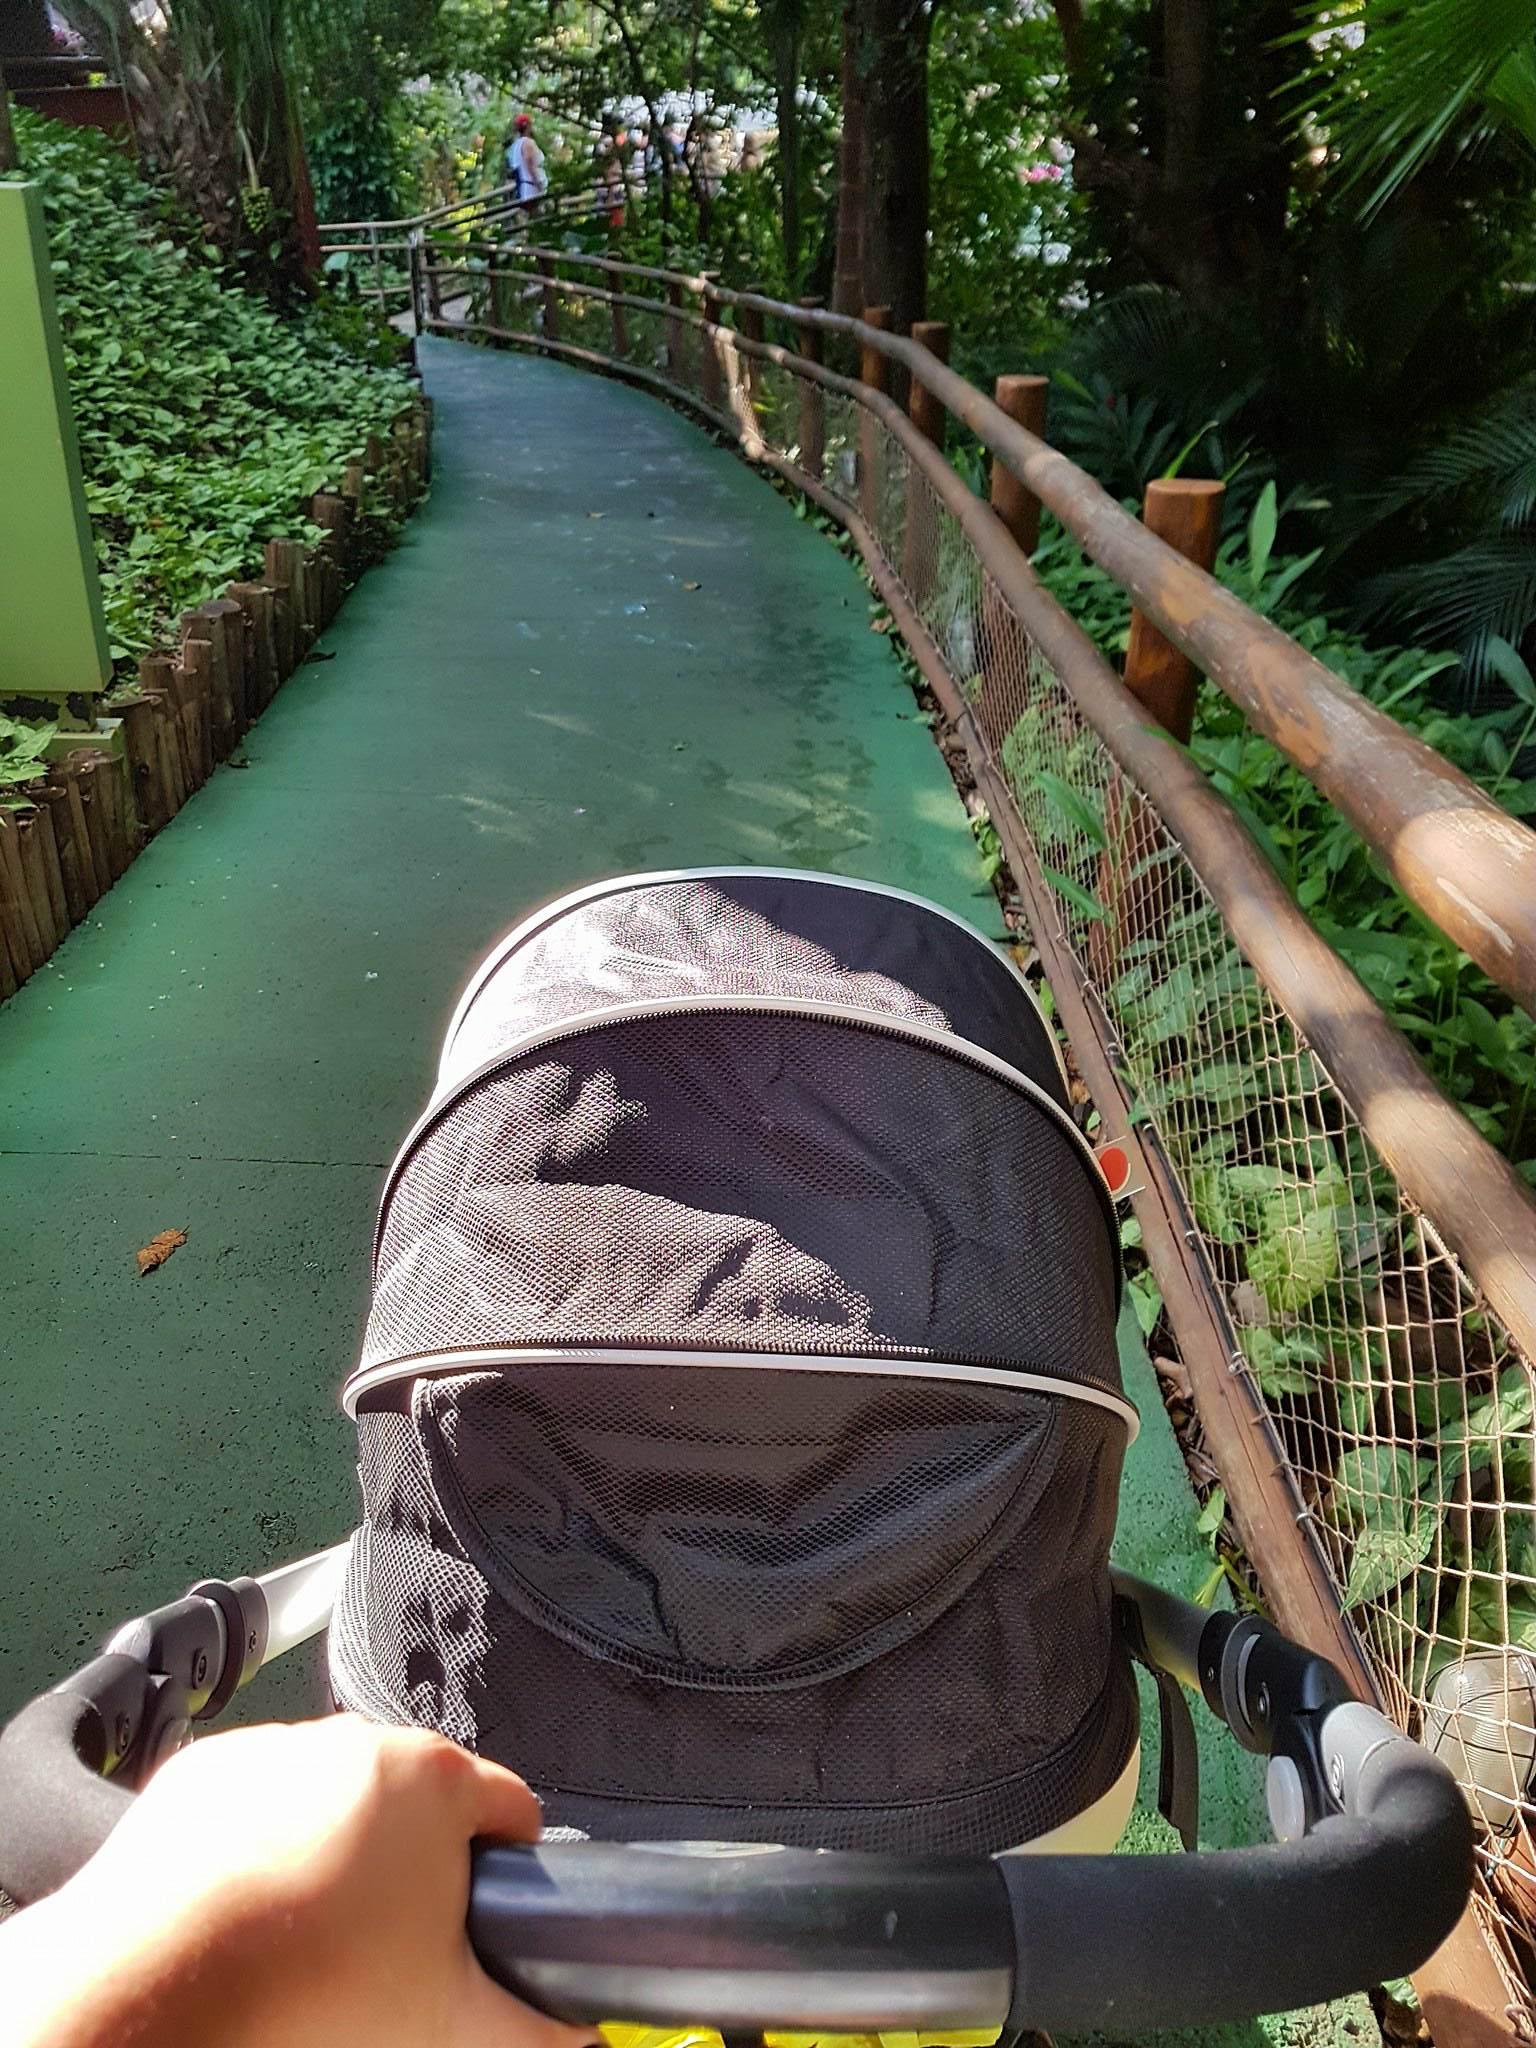 Carrinho de bebê no Rio Quente Resorts